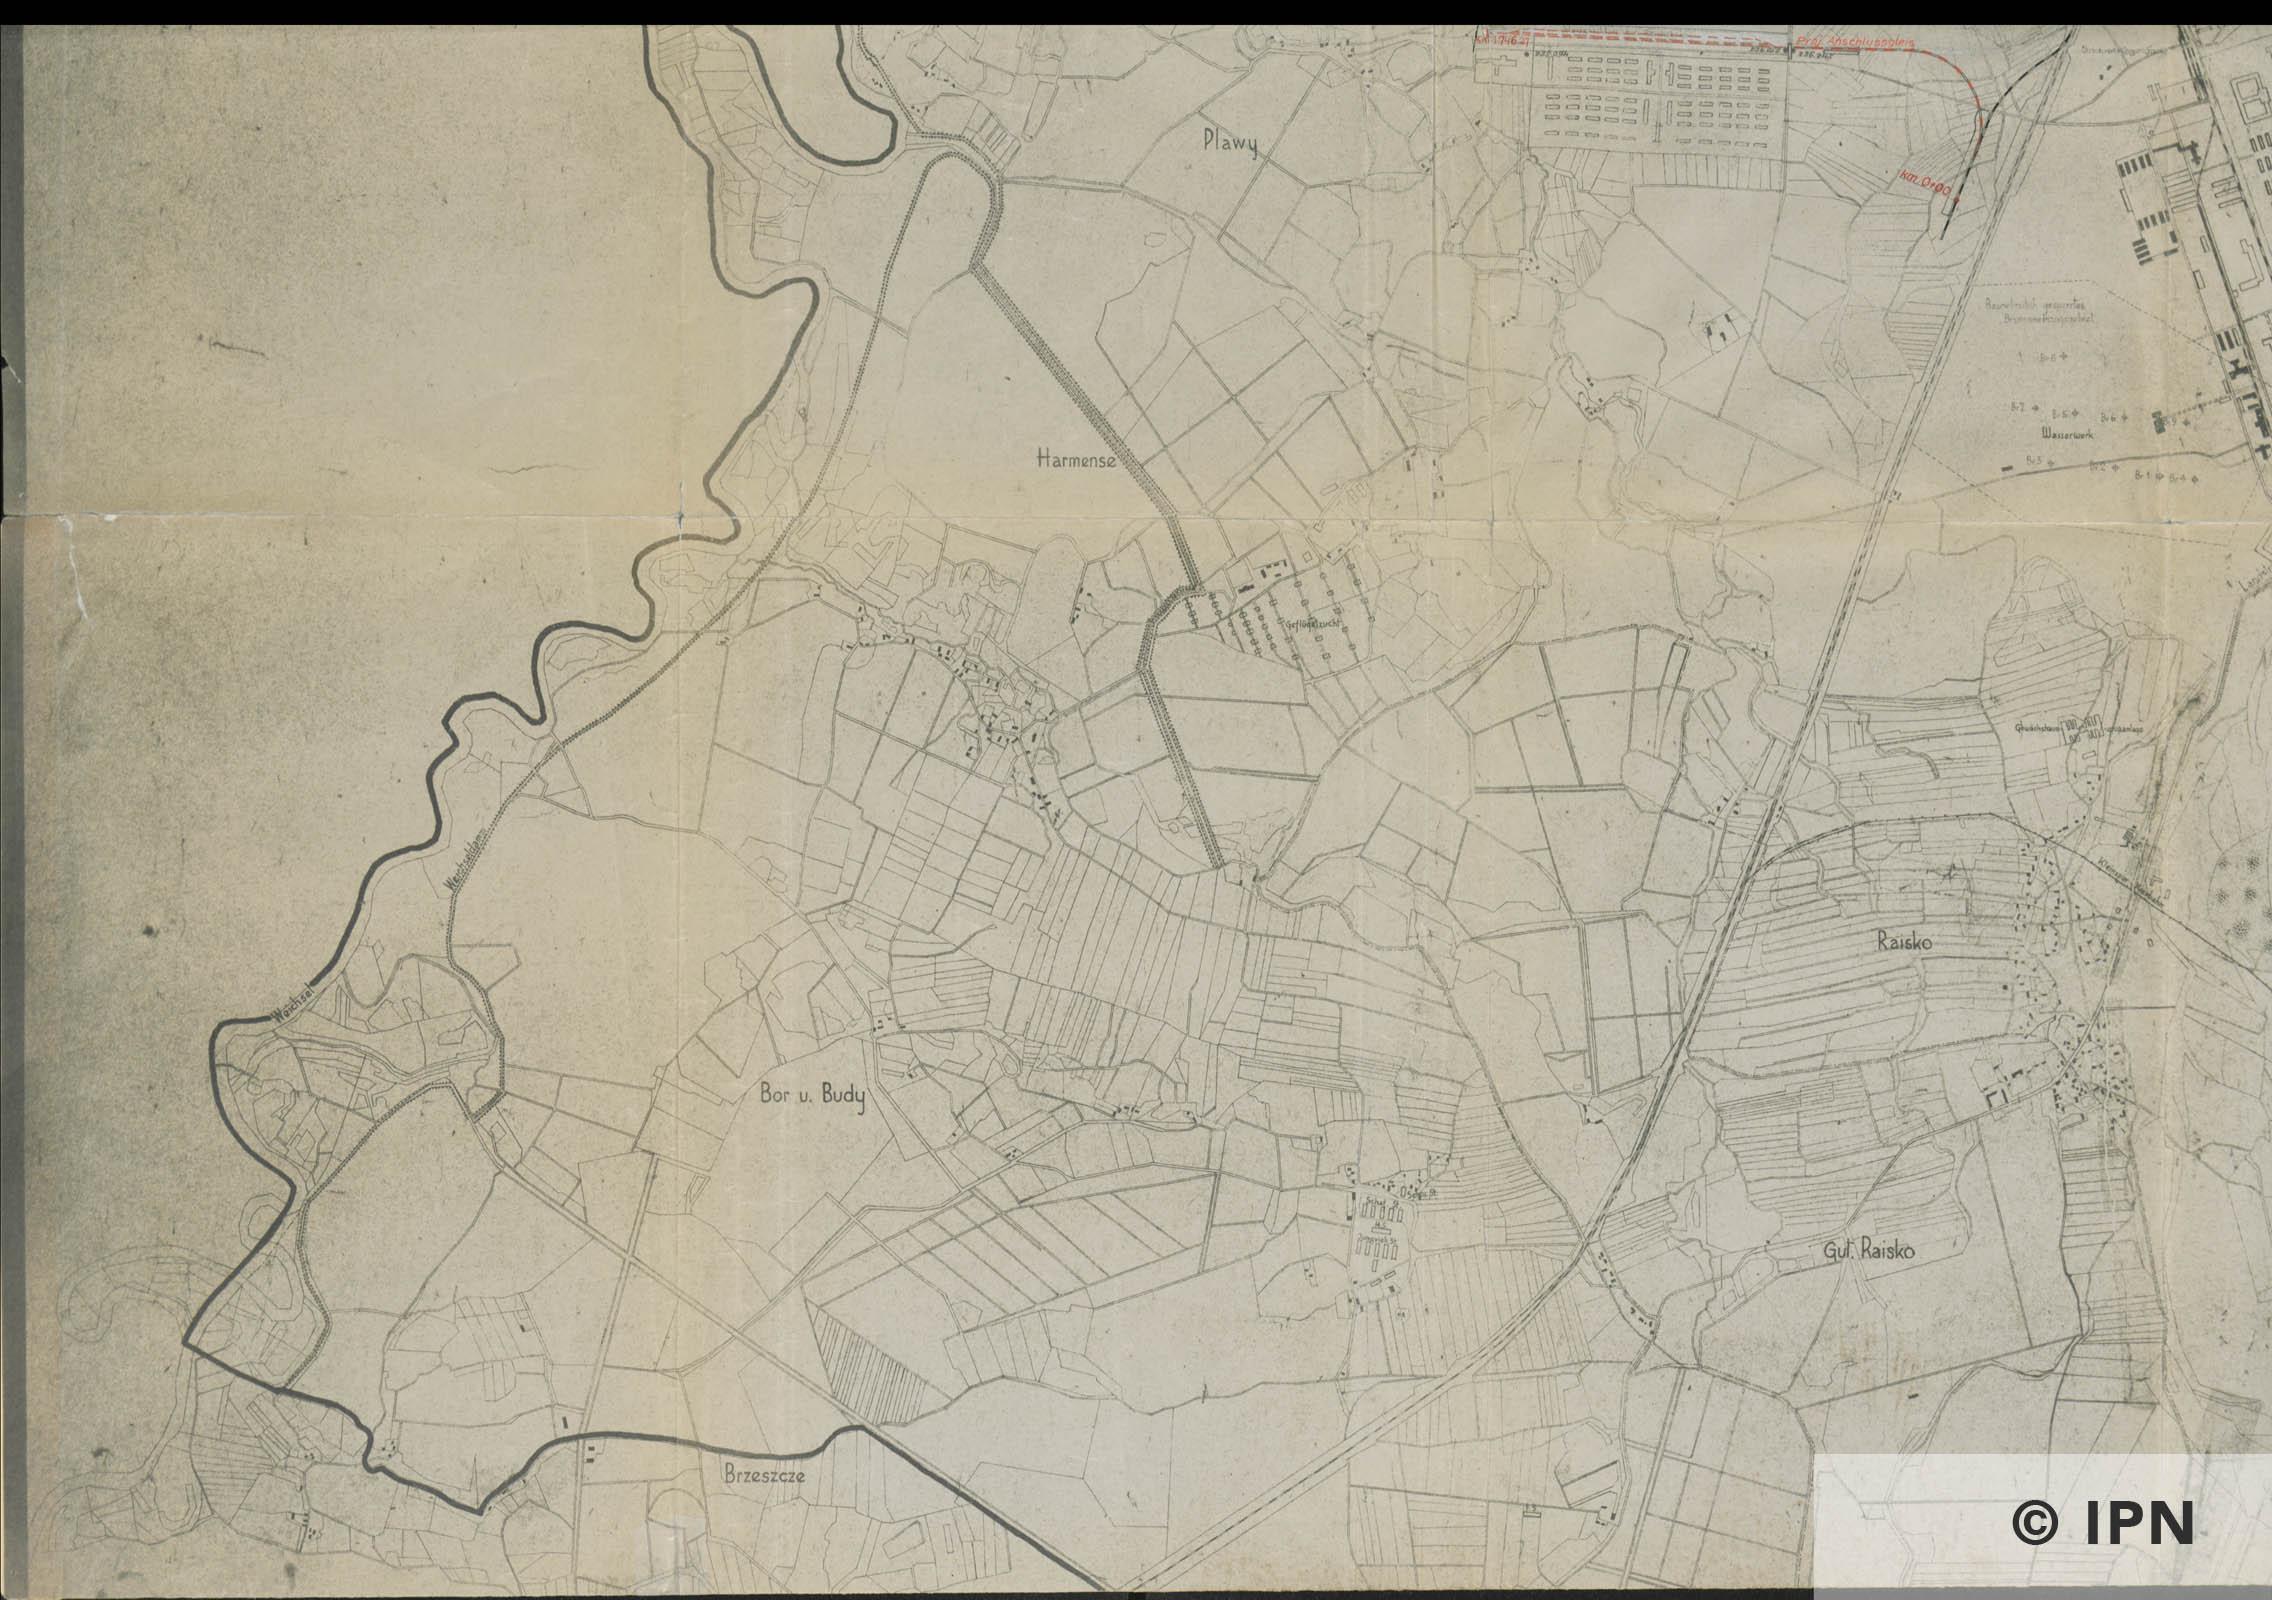 Plan vom Interessengebiet des KL Auschwitz. 15 January 1943. IPN GK 196 101 0031